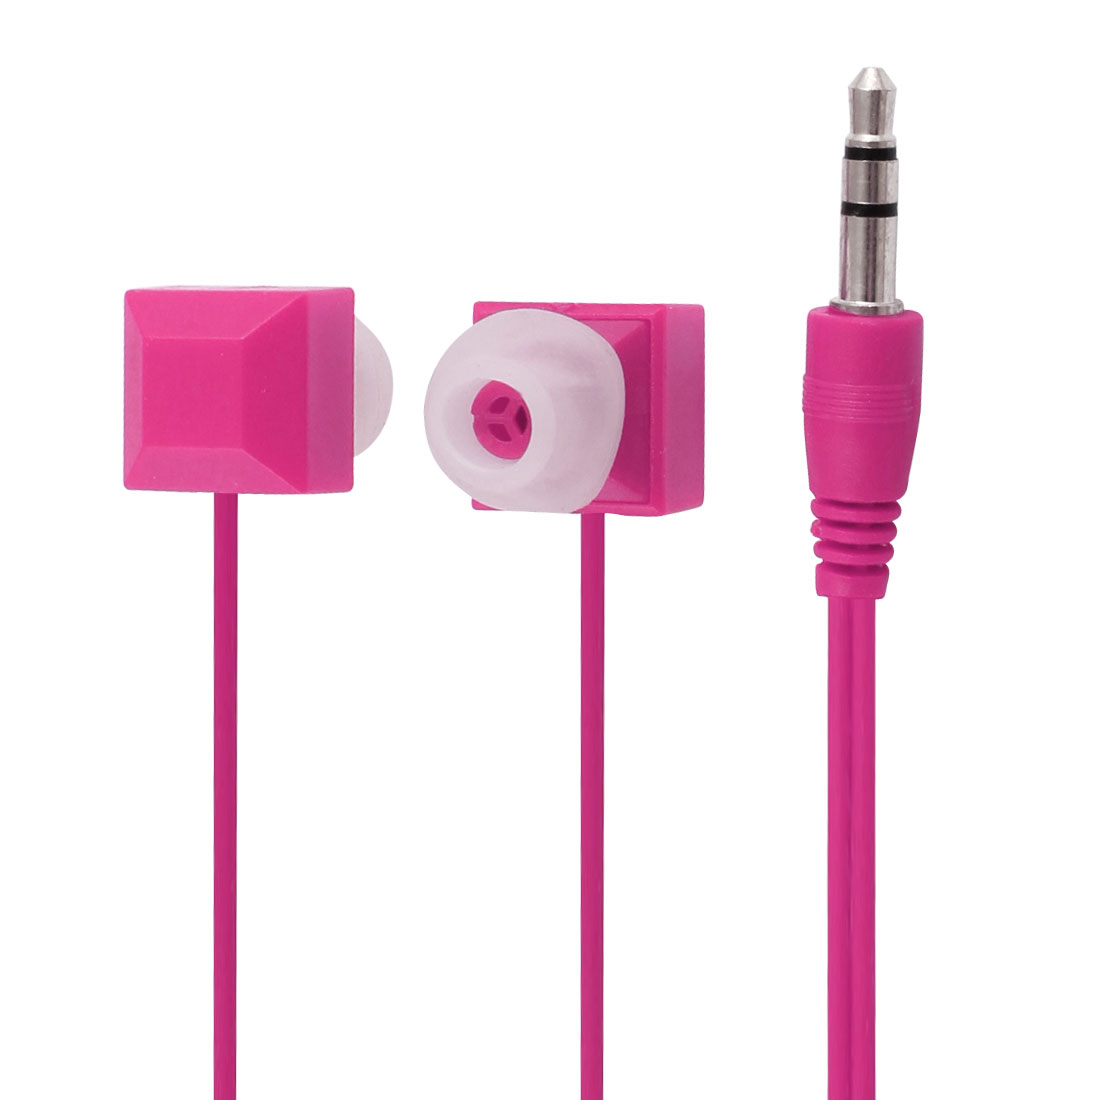 3.5mm Jack Fuchsia In Ear Stereo Headphone Earphone Headset for Smartphone